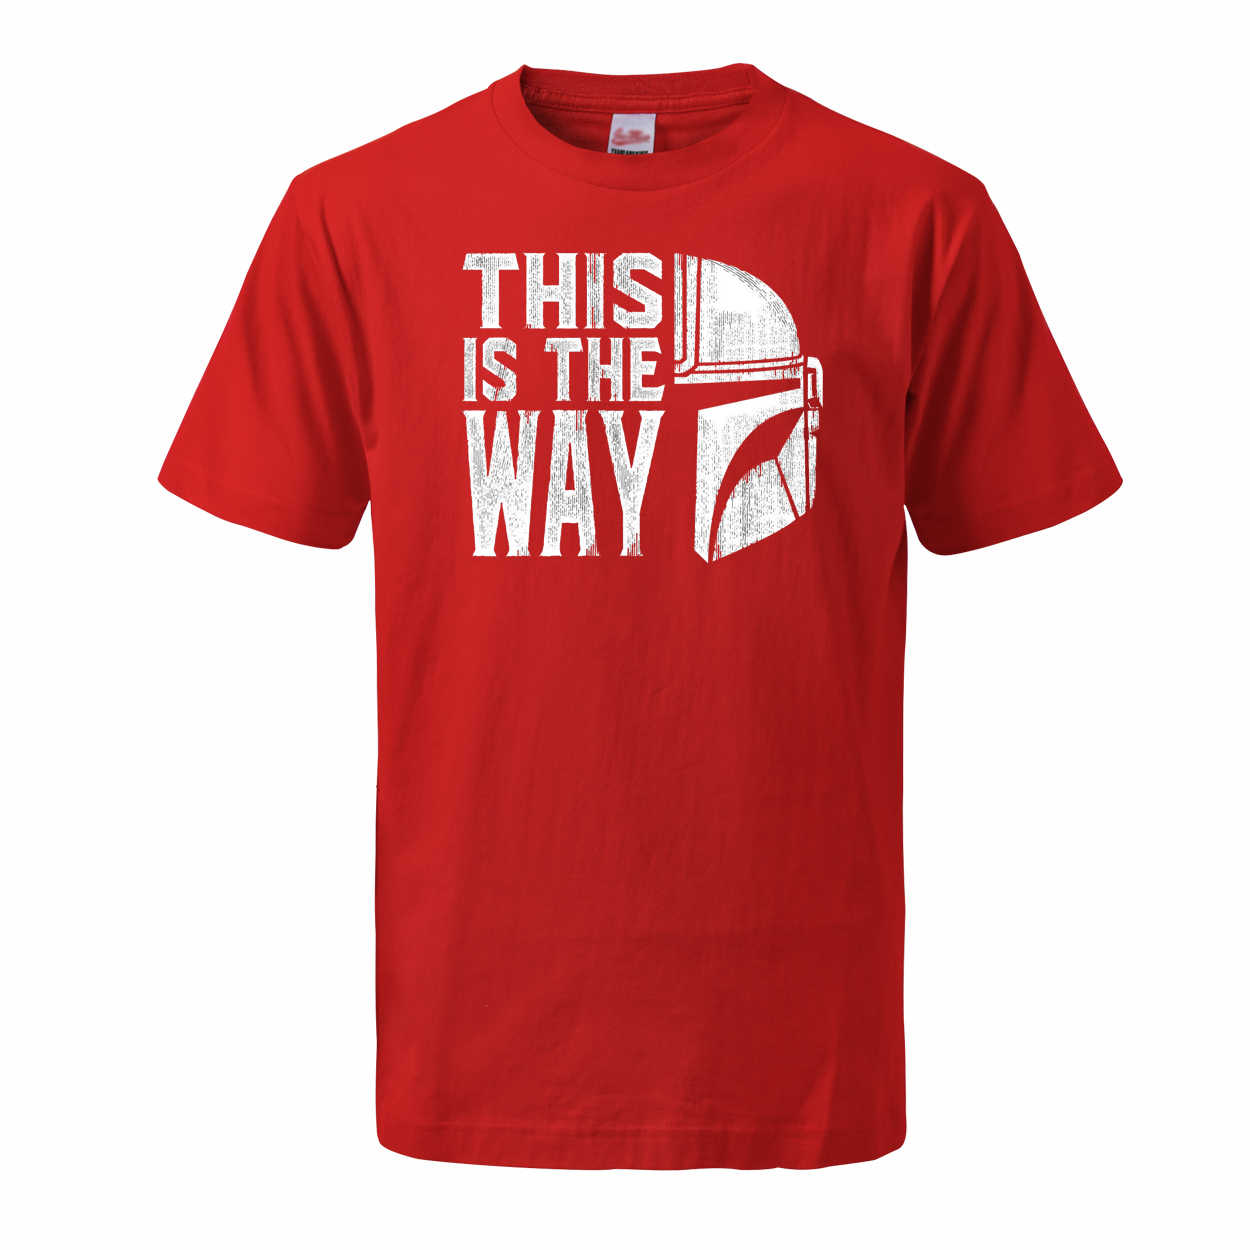 Männer Die Mandalorianer T Shirts 2020 Sommer Tops Tees Baumwolle Kurzarm Star Wars Das Ist Mein Weg Streetwear Crew neck T-shirts